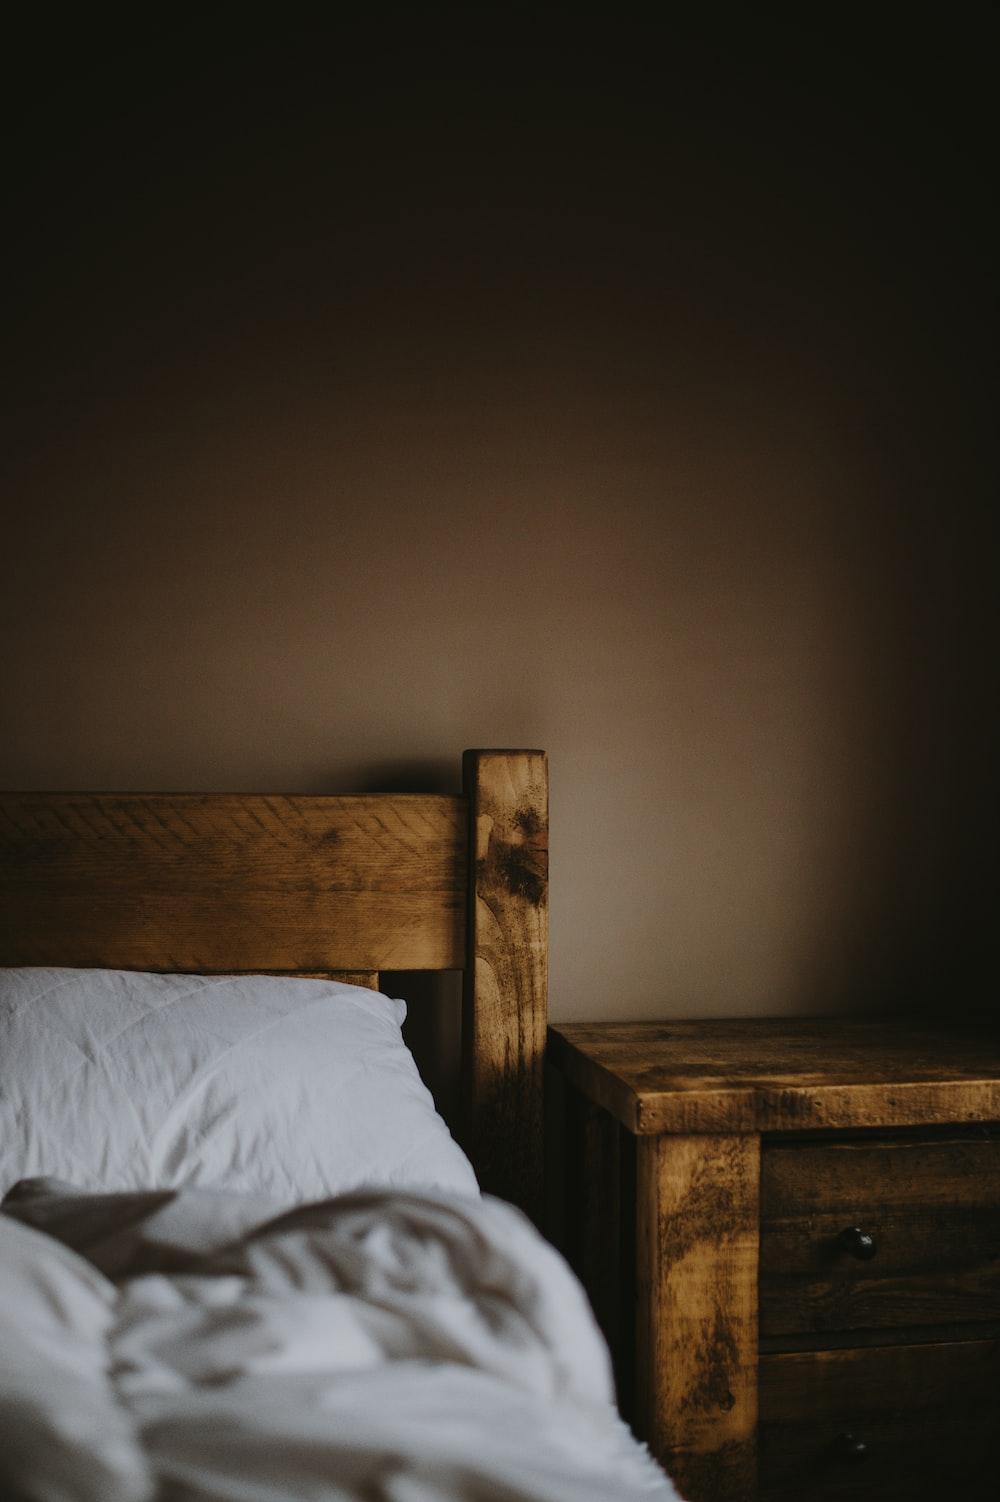 brown wooden nightstand beside bed